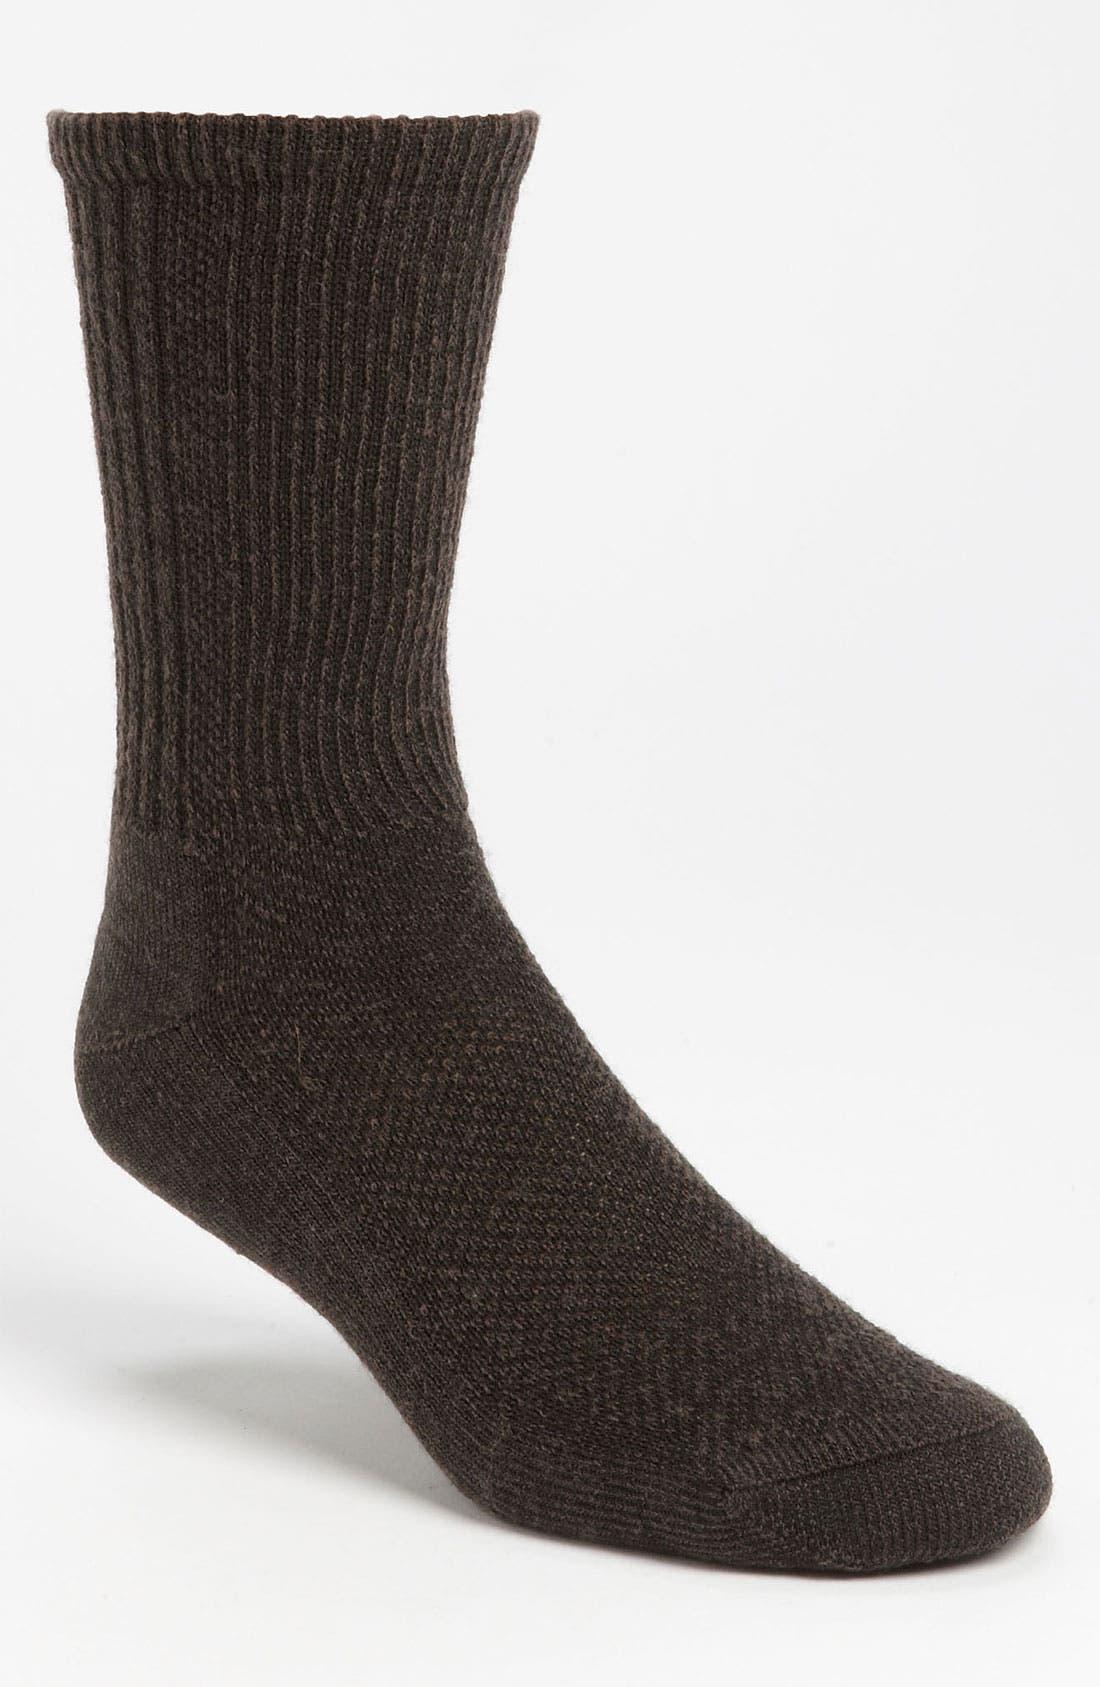 Alternate Image 1 Selected - Smartwool 'Hiker' Crew Socks (Men)